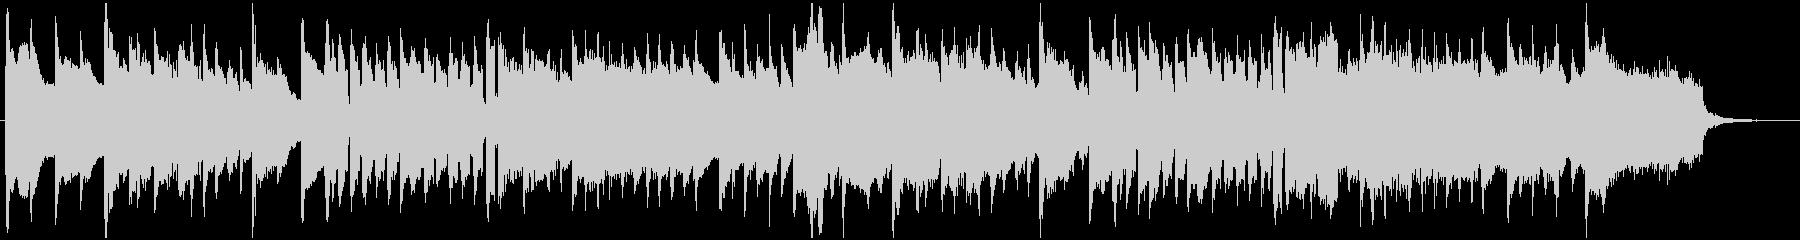 ハープシコードとストリングスの未再生の波形